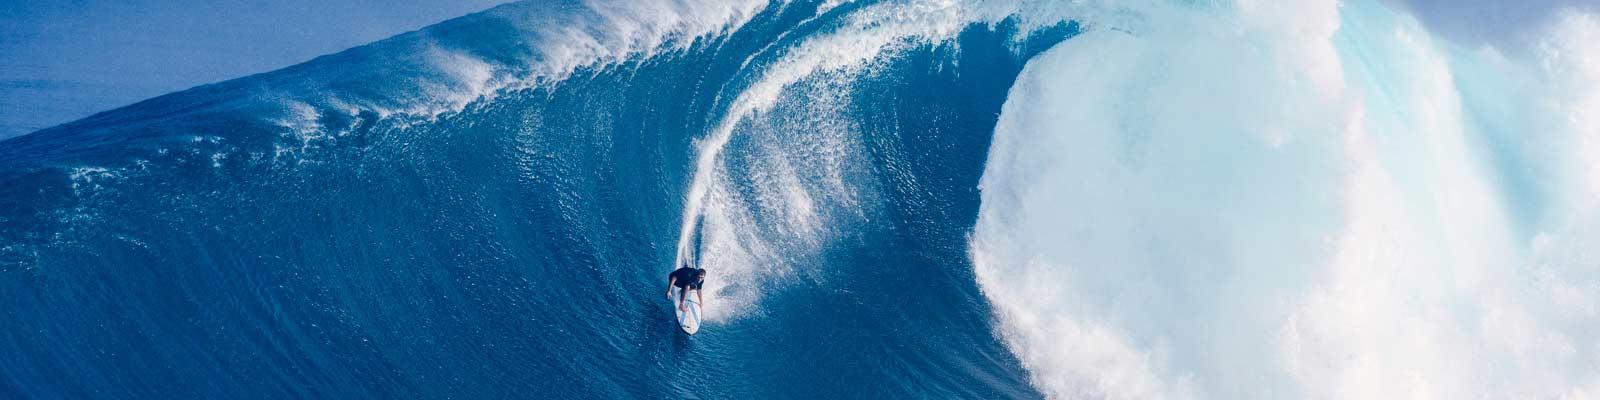 Surfe die Welle der Digitalisierung